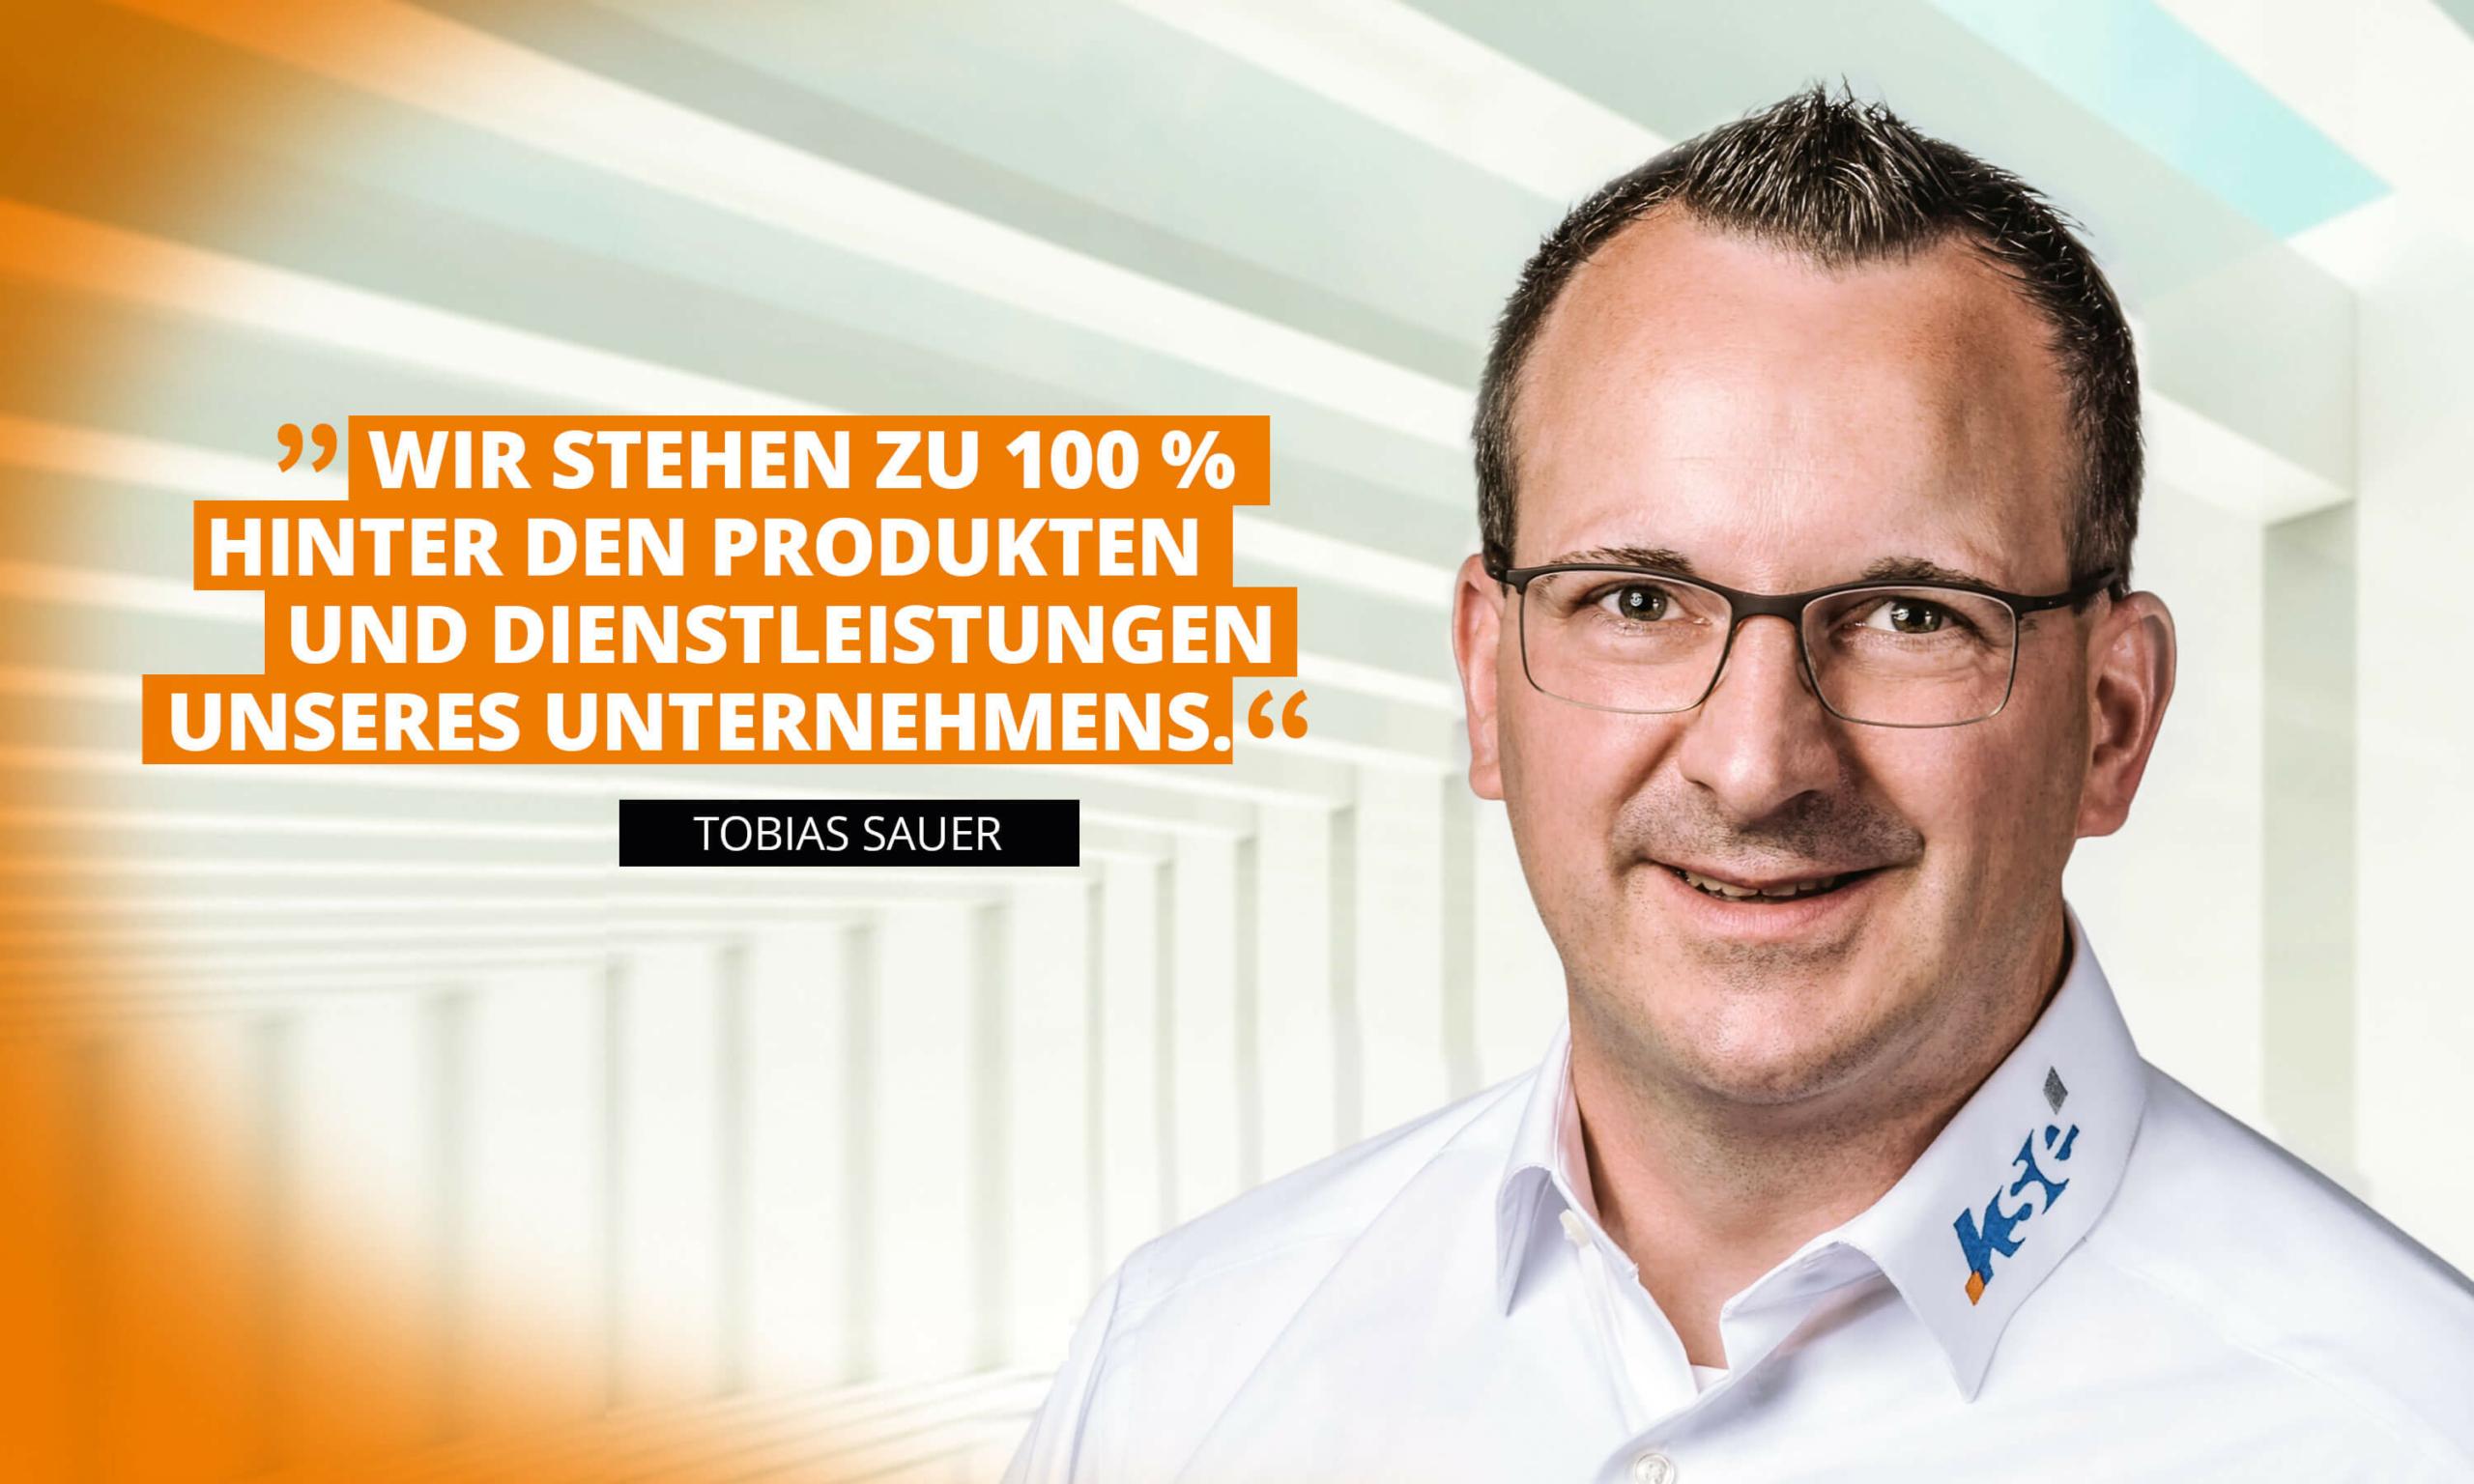 KSE - Tobias Sauer